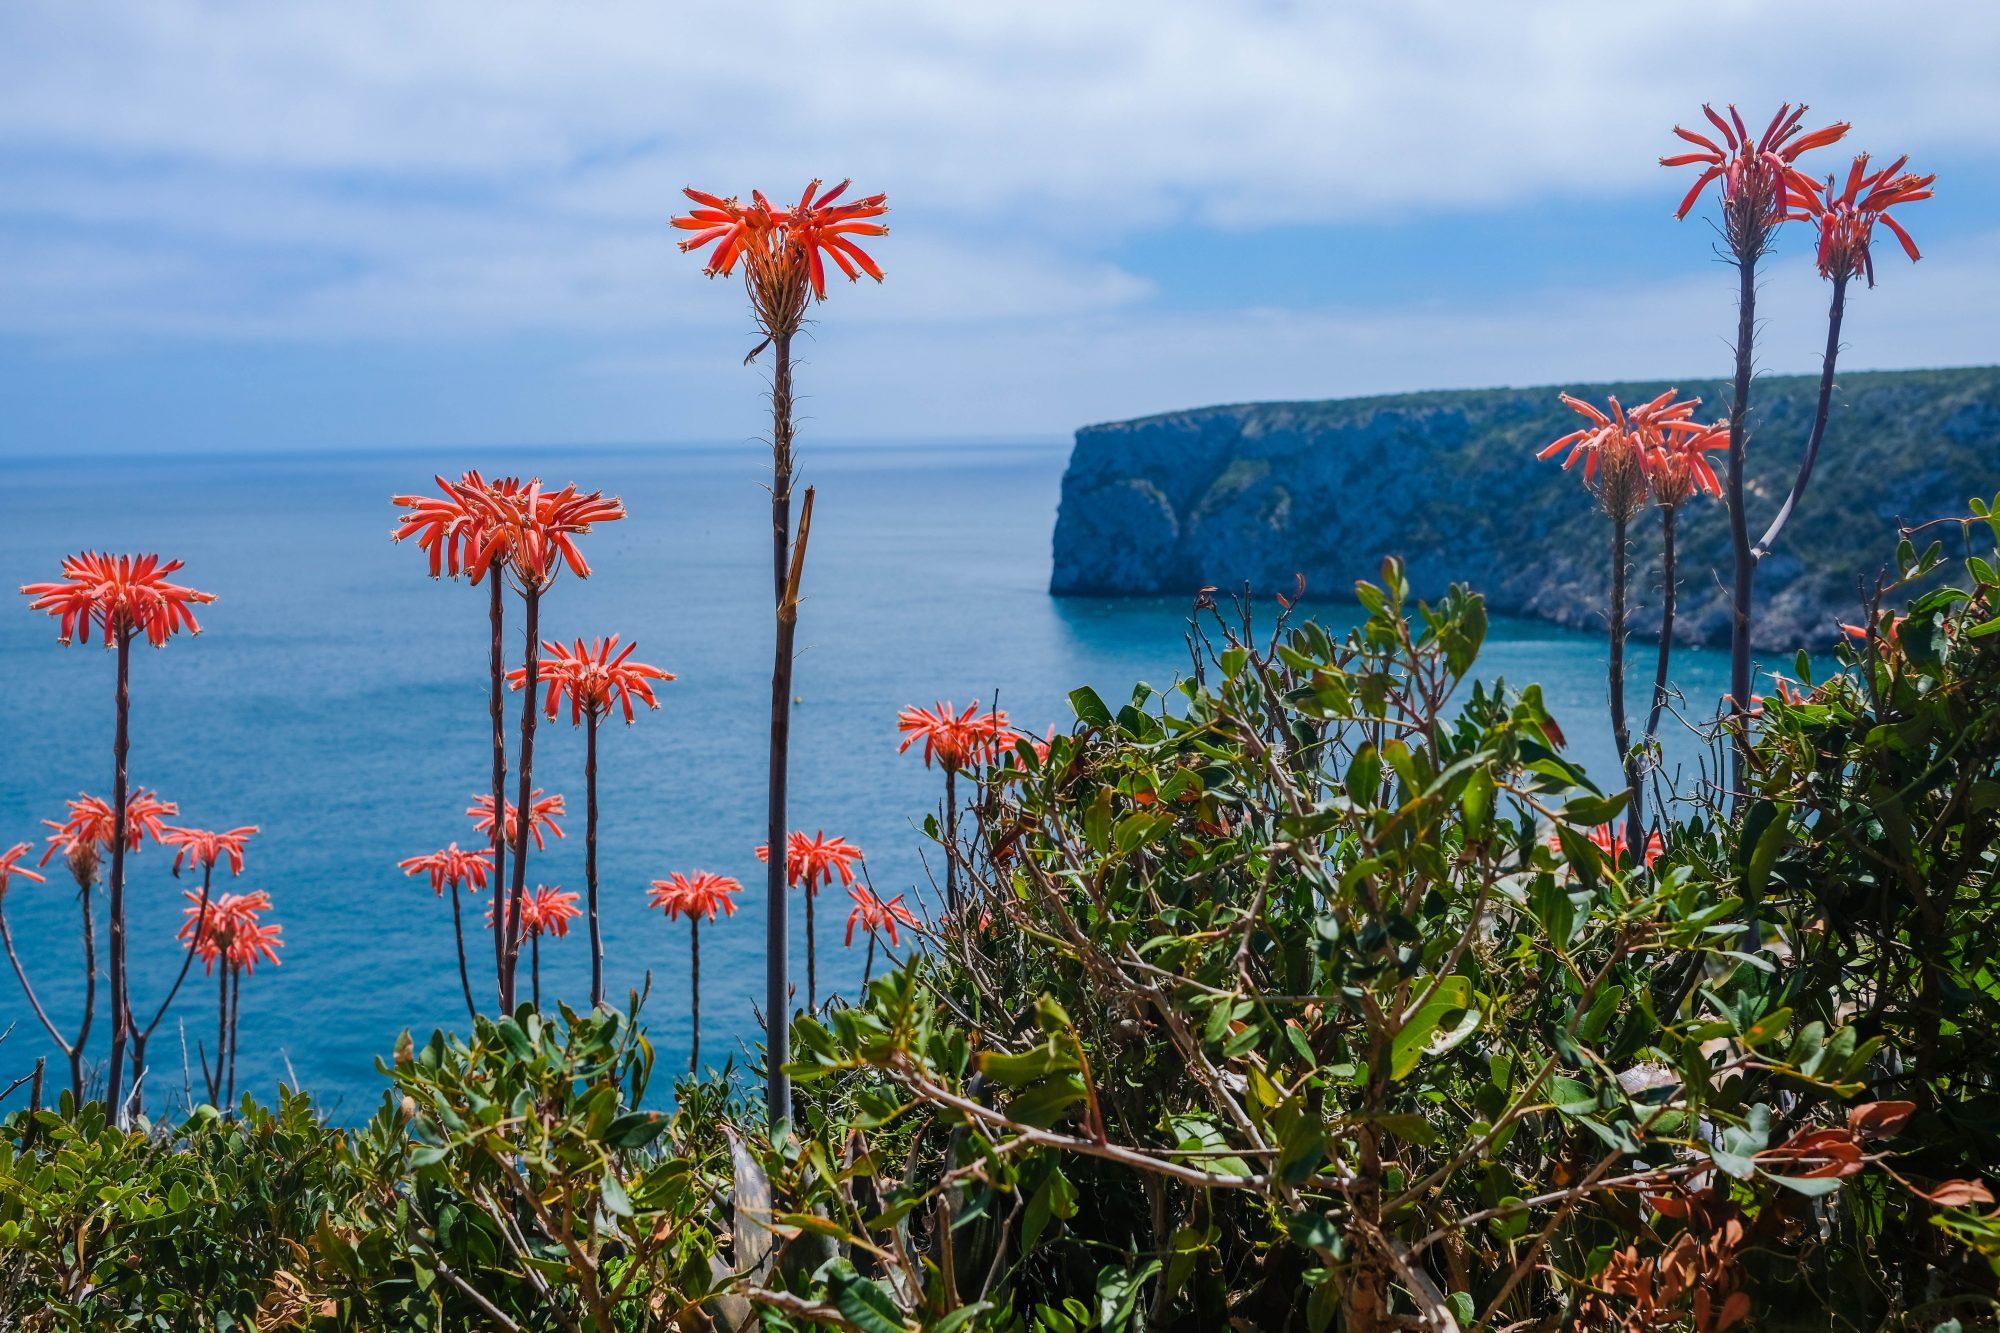 Fleurs sur les falaises - Sagres, Portugal